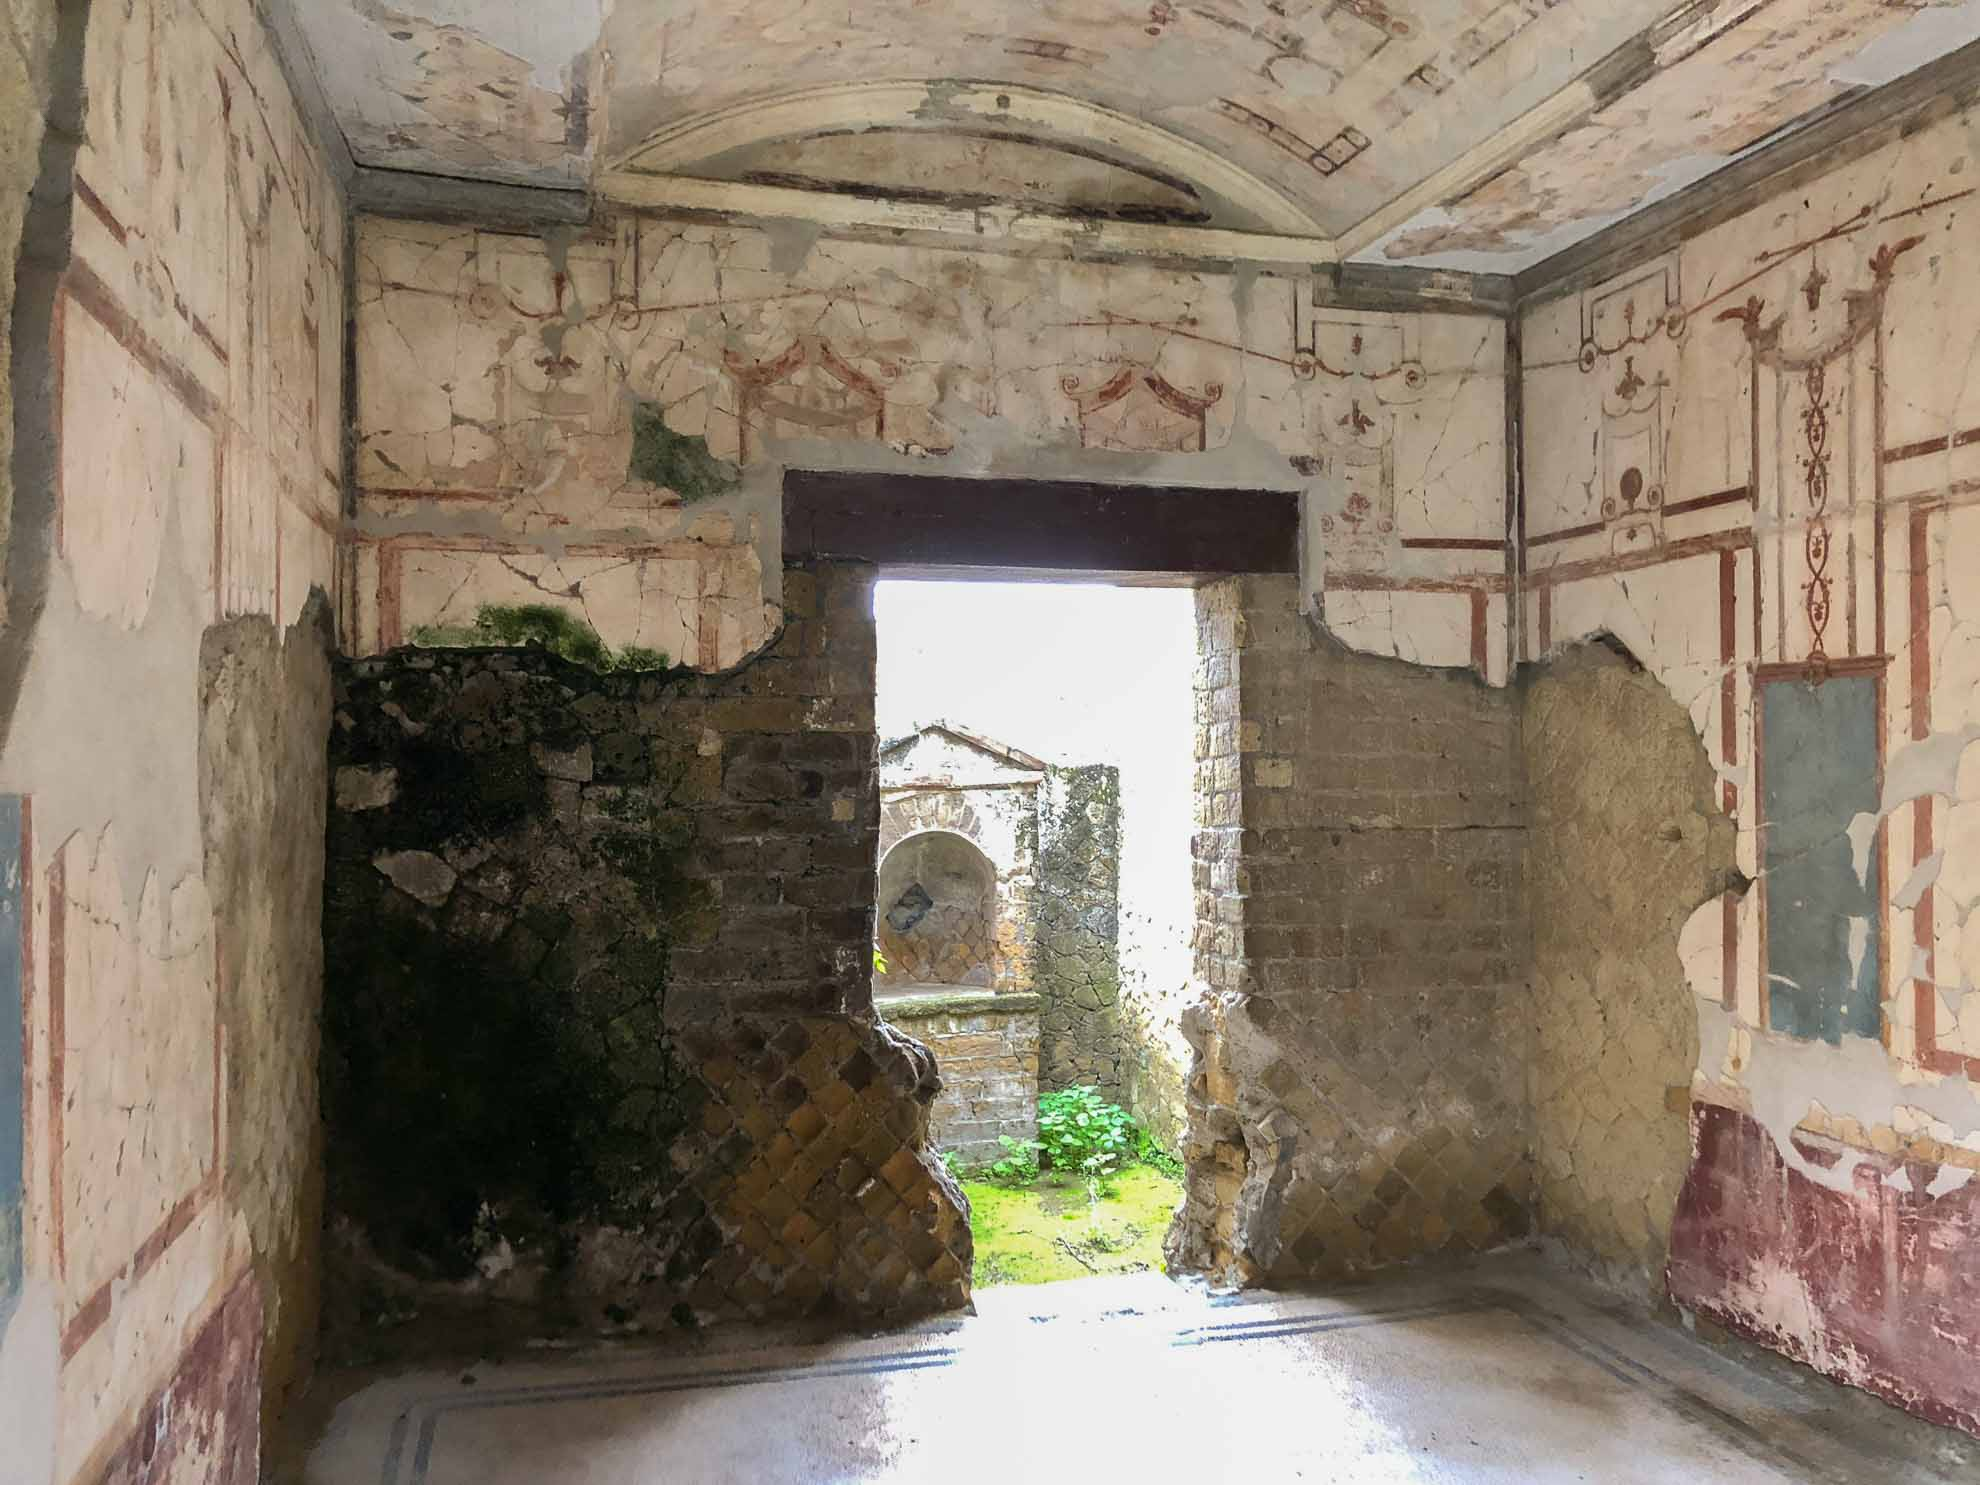 Die Ausgrabungen begannen im 18. Jahrhundert. Heute ist ein Großteil der Villen, Häuser und öffentlichen Gebäude freigelegt.